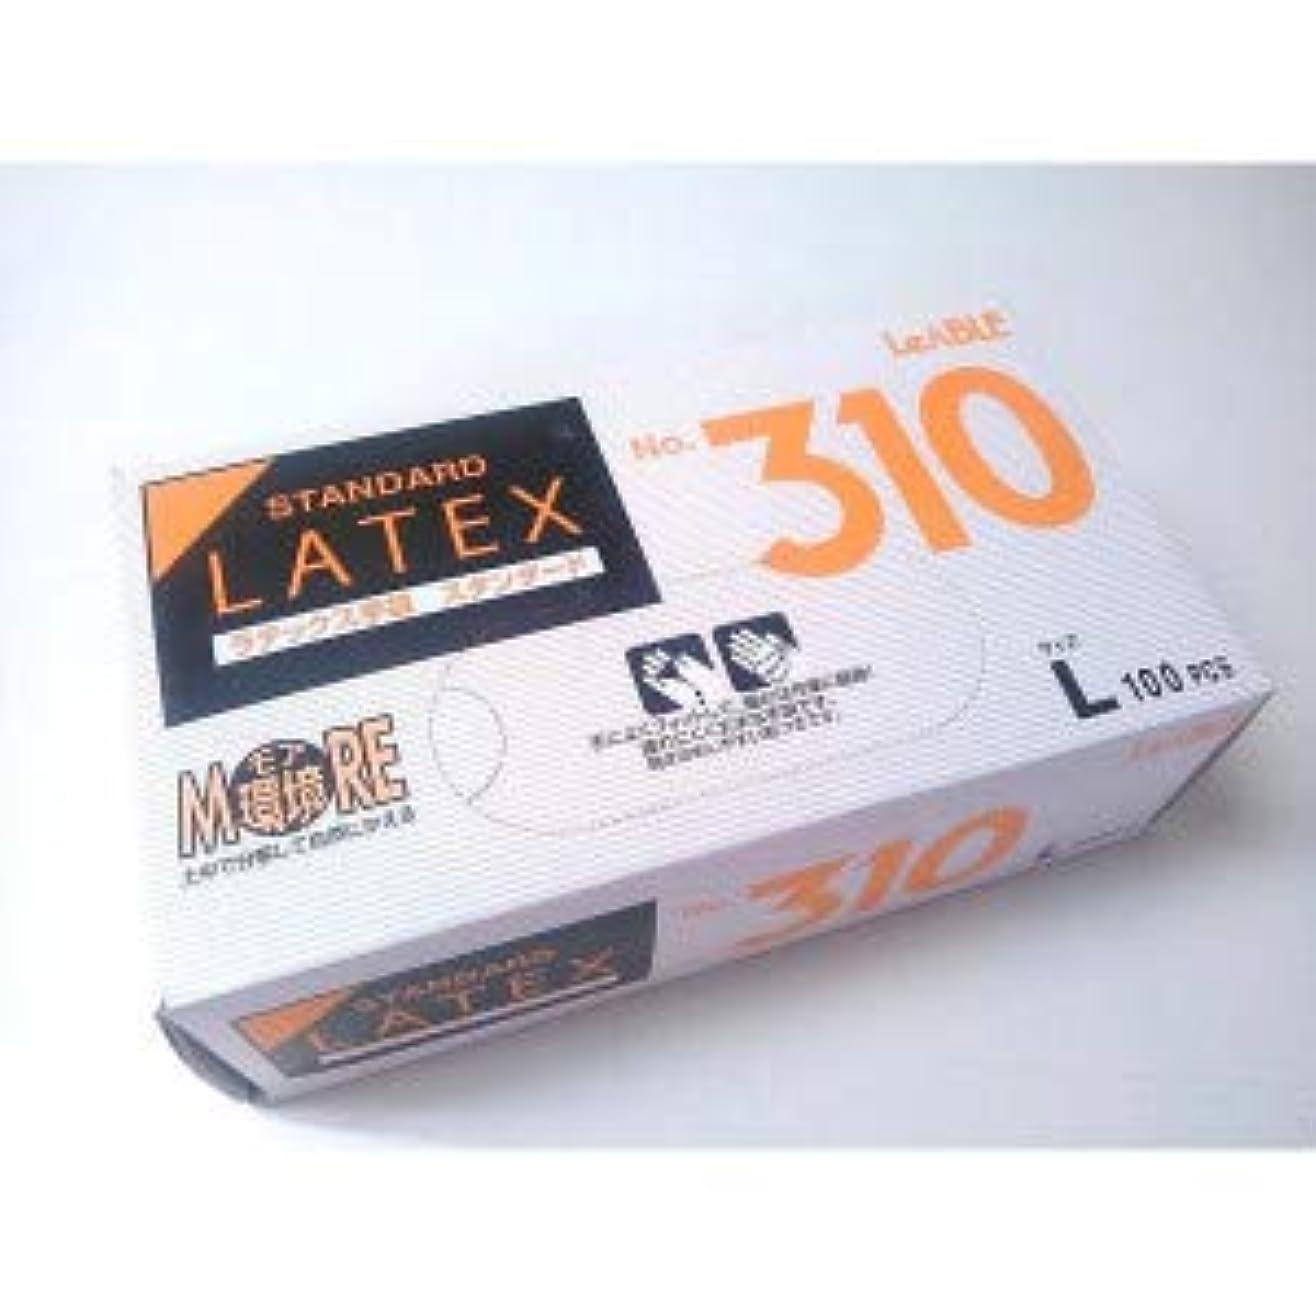 思春期のフラッシュのように素早く国籍No.310 ラテックススタンダード 粉付 (L) 白 100枚入20個